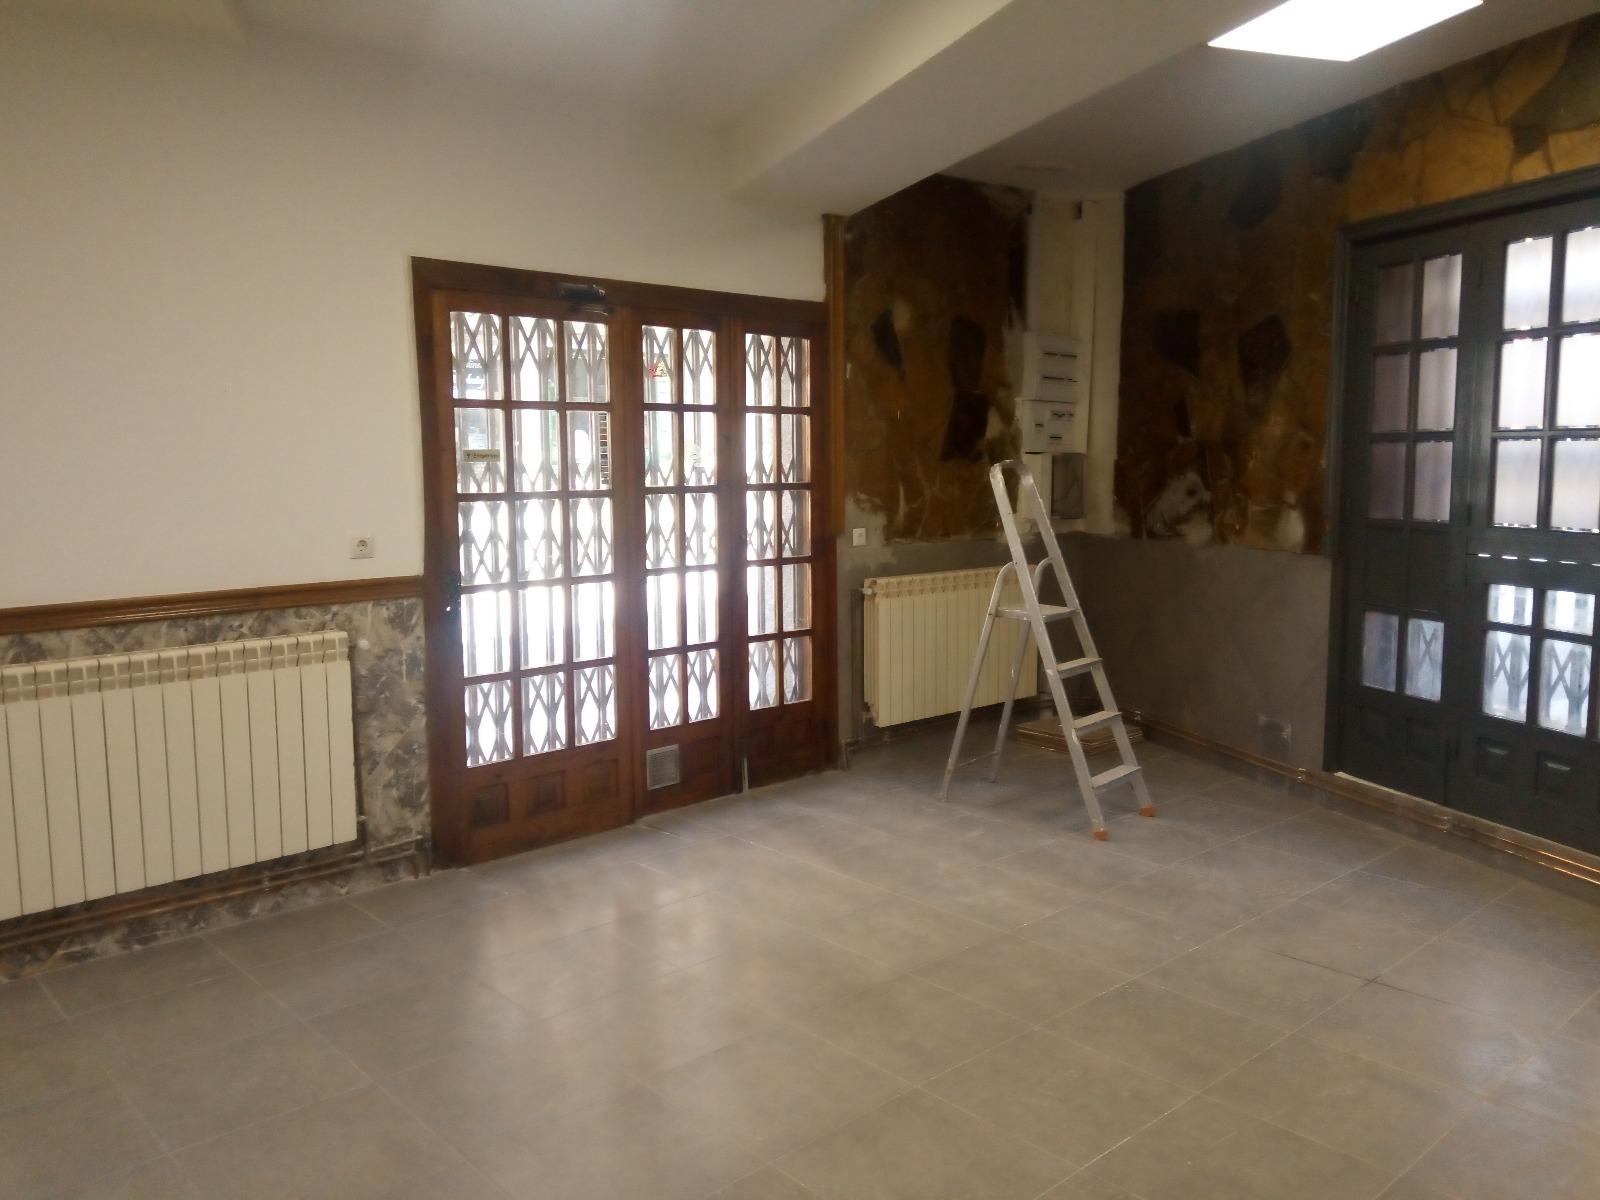 reforma completa bar sallent, suelo, paredes, instalaciones